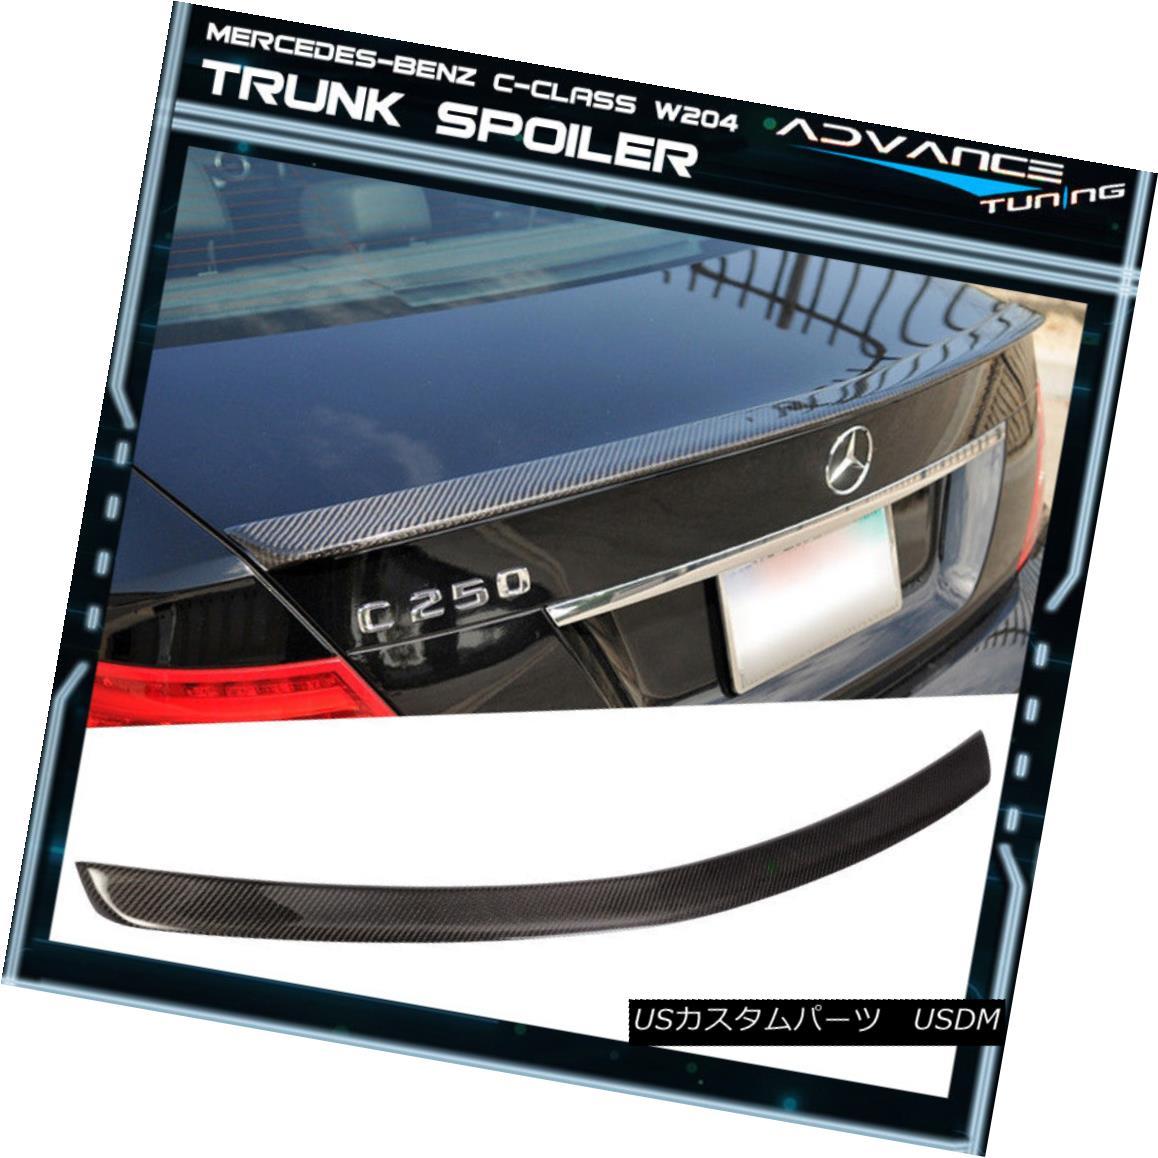 エアロパーツ 08-14 Mercedes-Benz C-Class W204 4D Rear Trunk Spoiler Wing - Carbon Fiber 08-14メルセデス・ベンツCクラスW204 4Dリアトランク・スポイラー・ウィング - カーボン・ファイバー